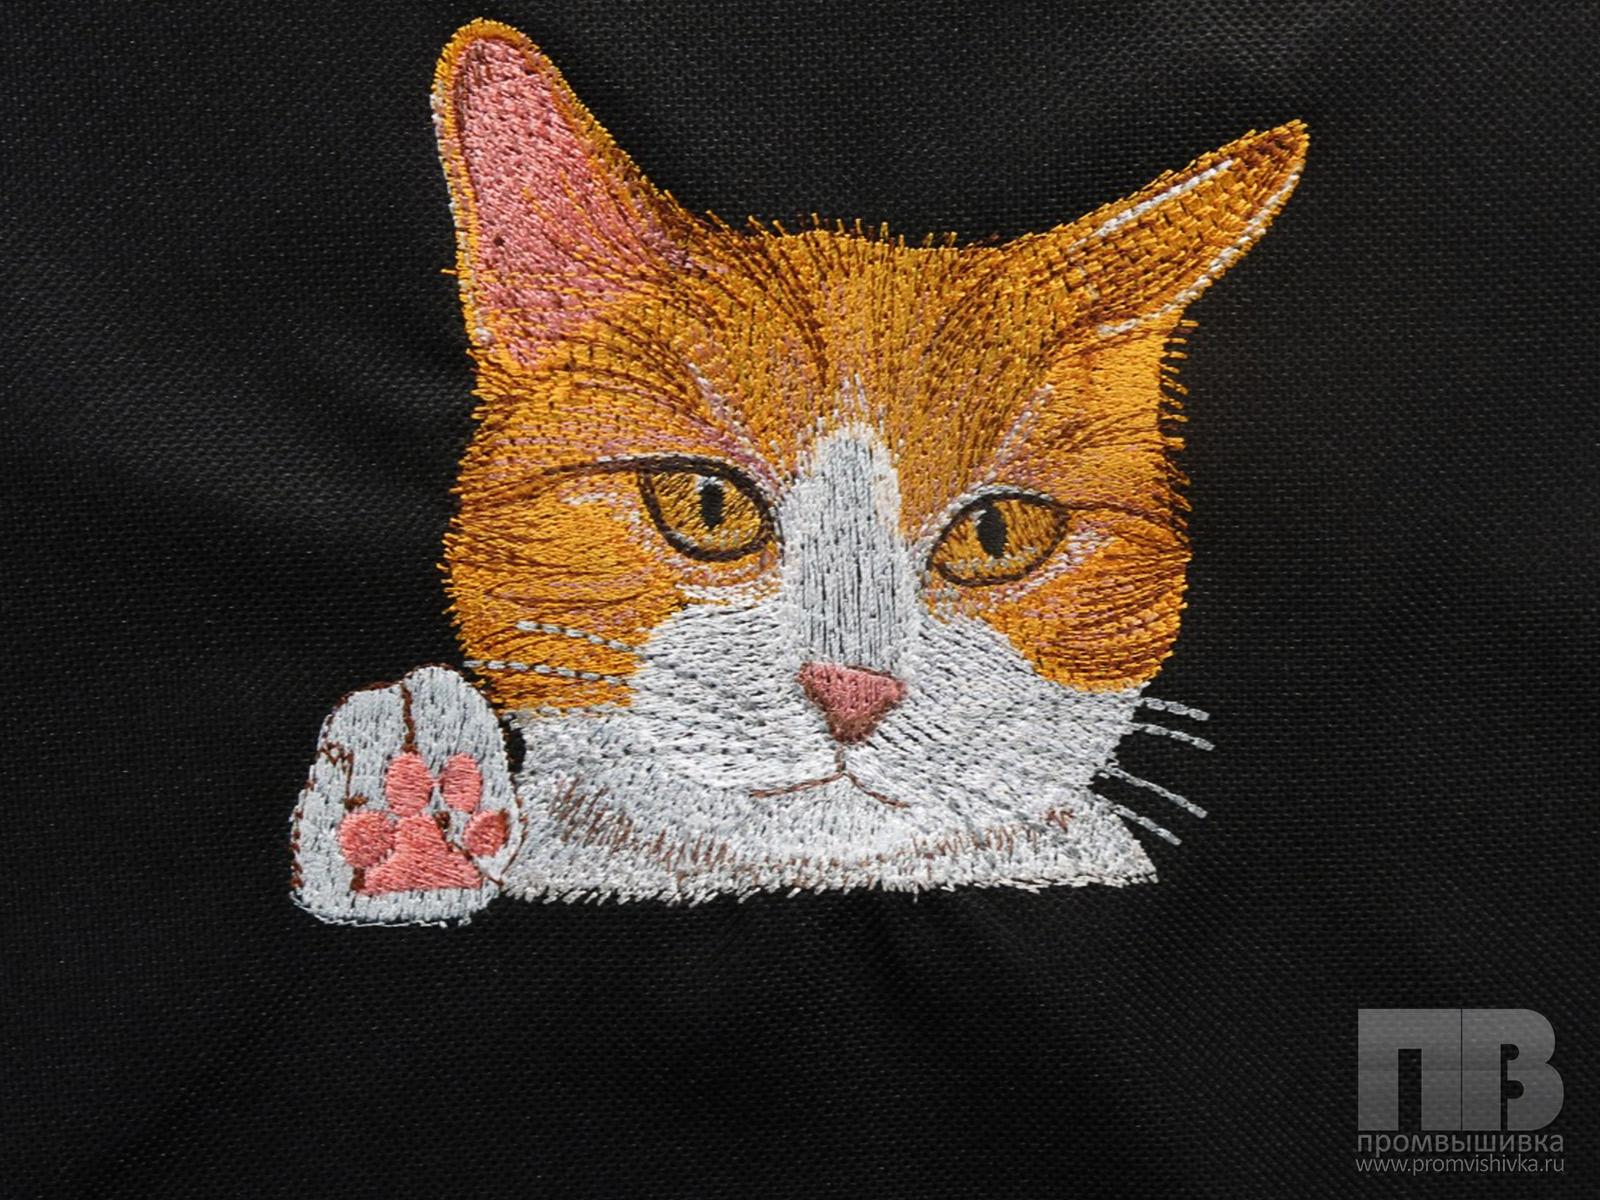 Вышивка пушистого кота